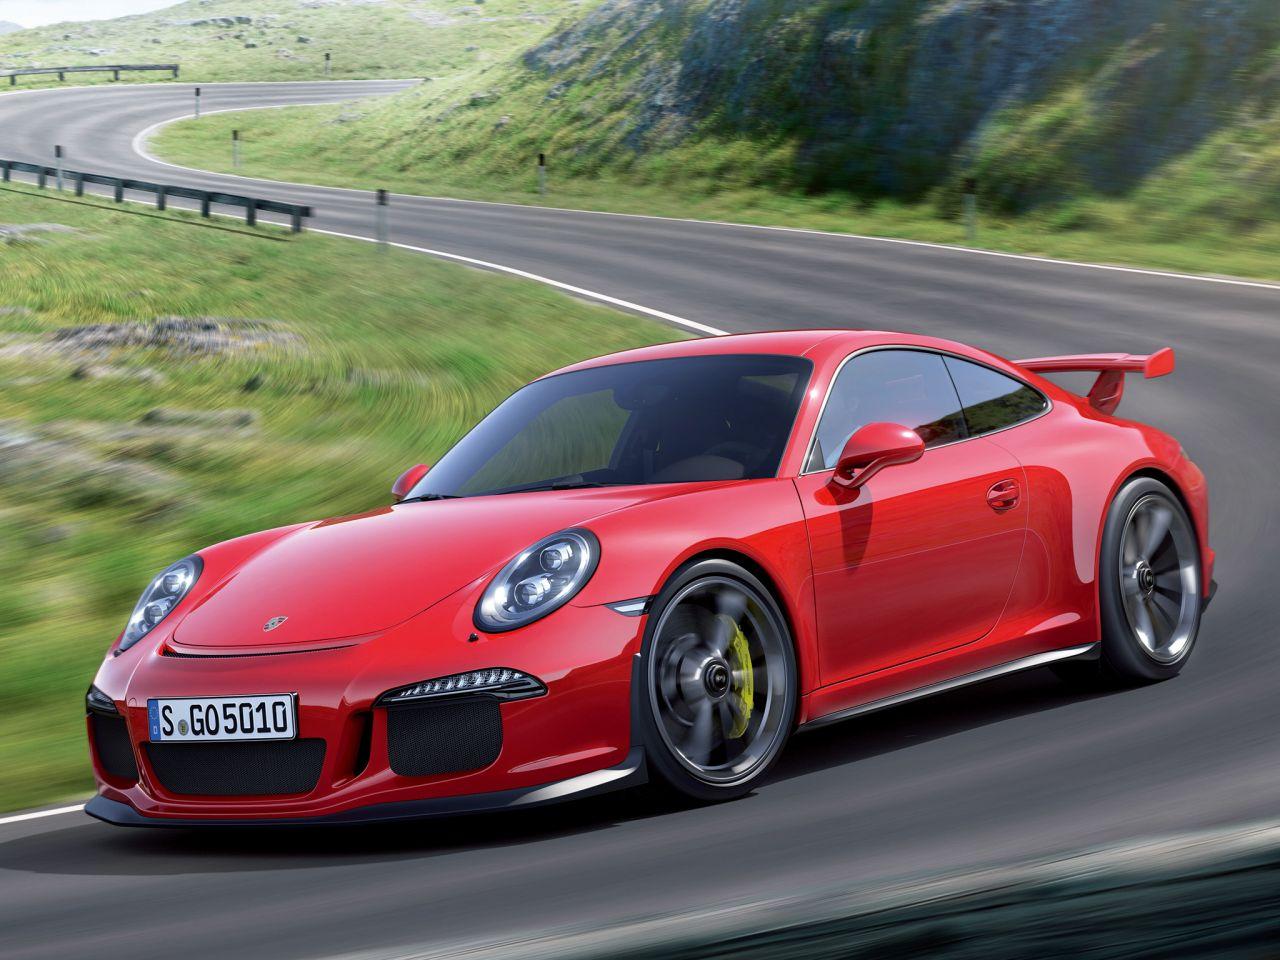 2014 Porsche 911 Gt3 (991) Gets Official Photos